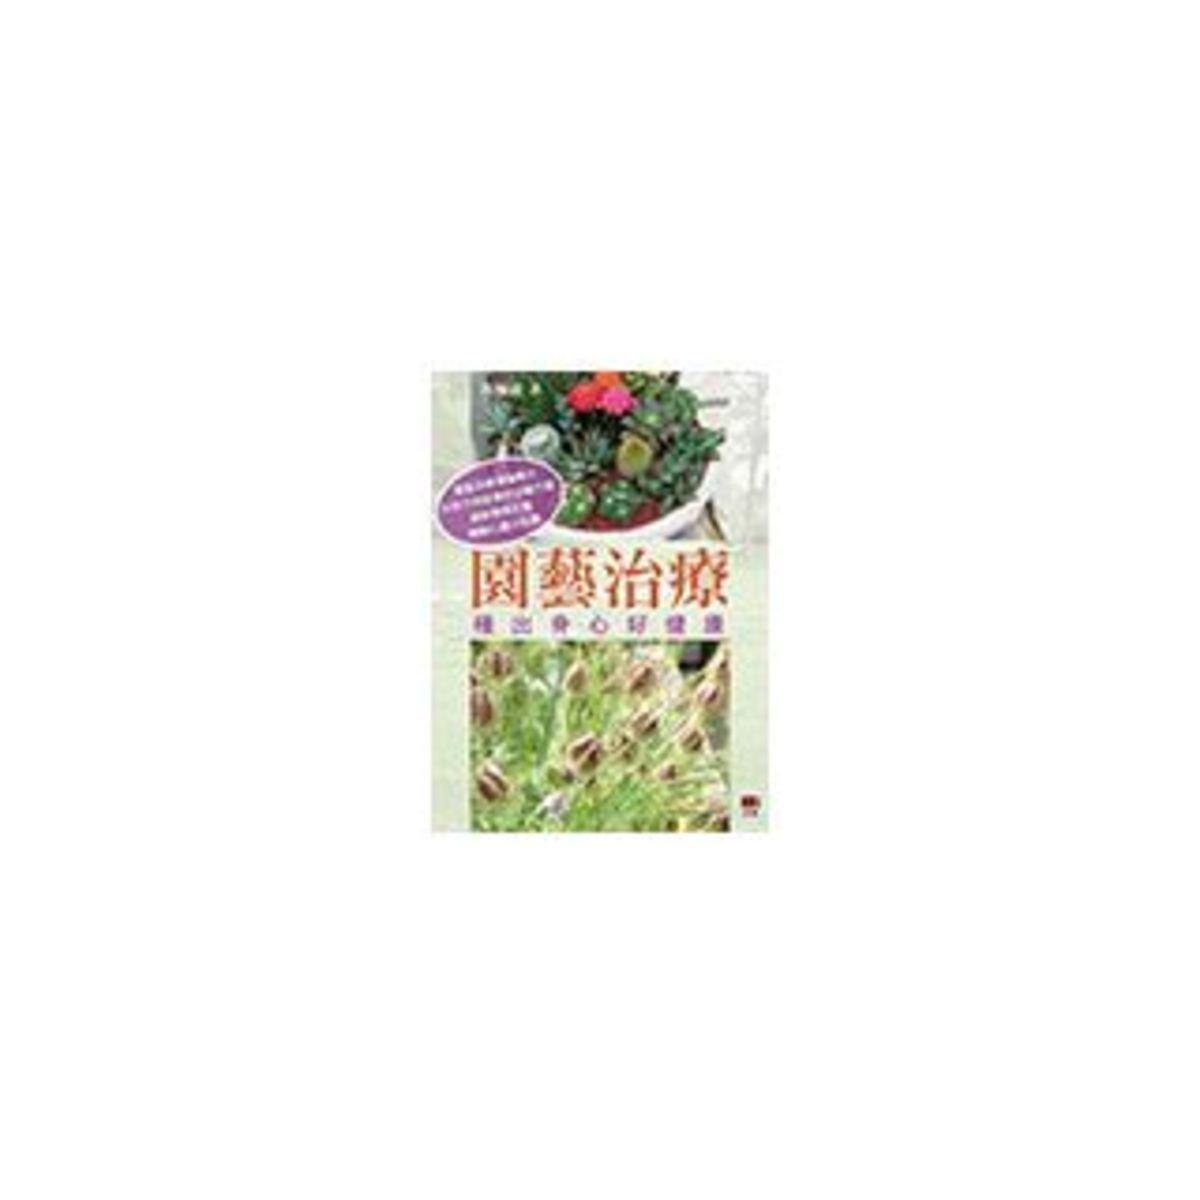 園藝治療──種出身心好健康